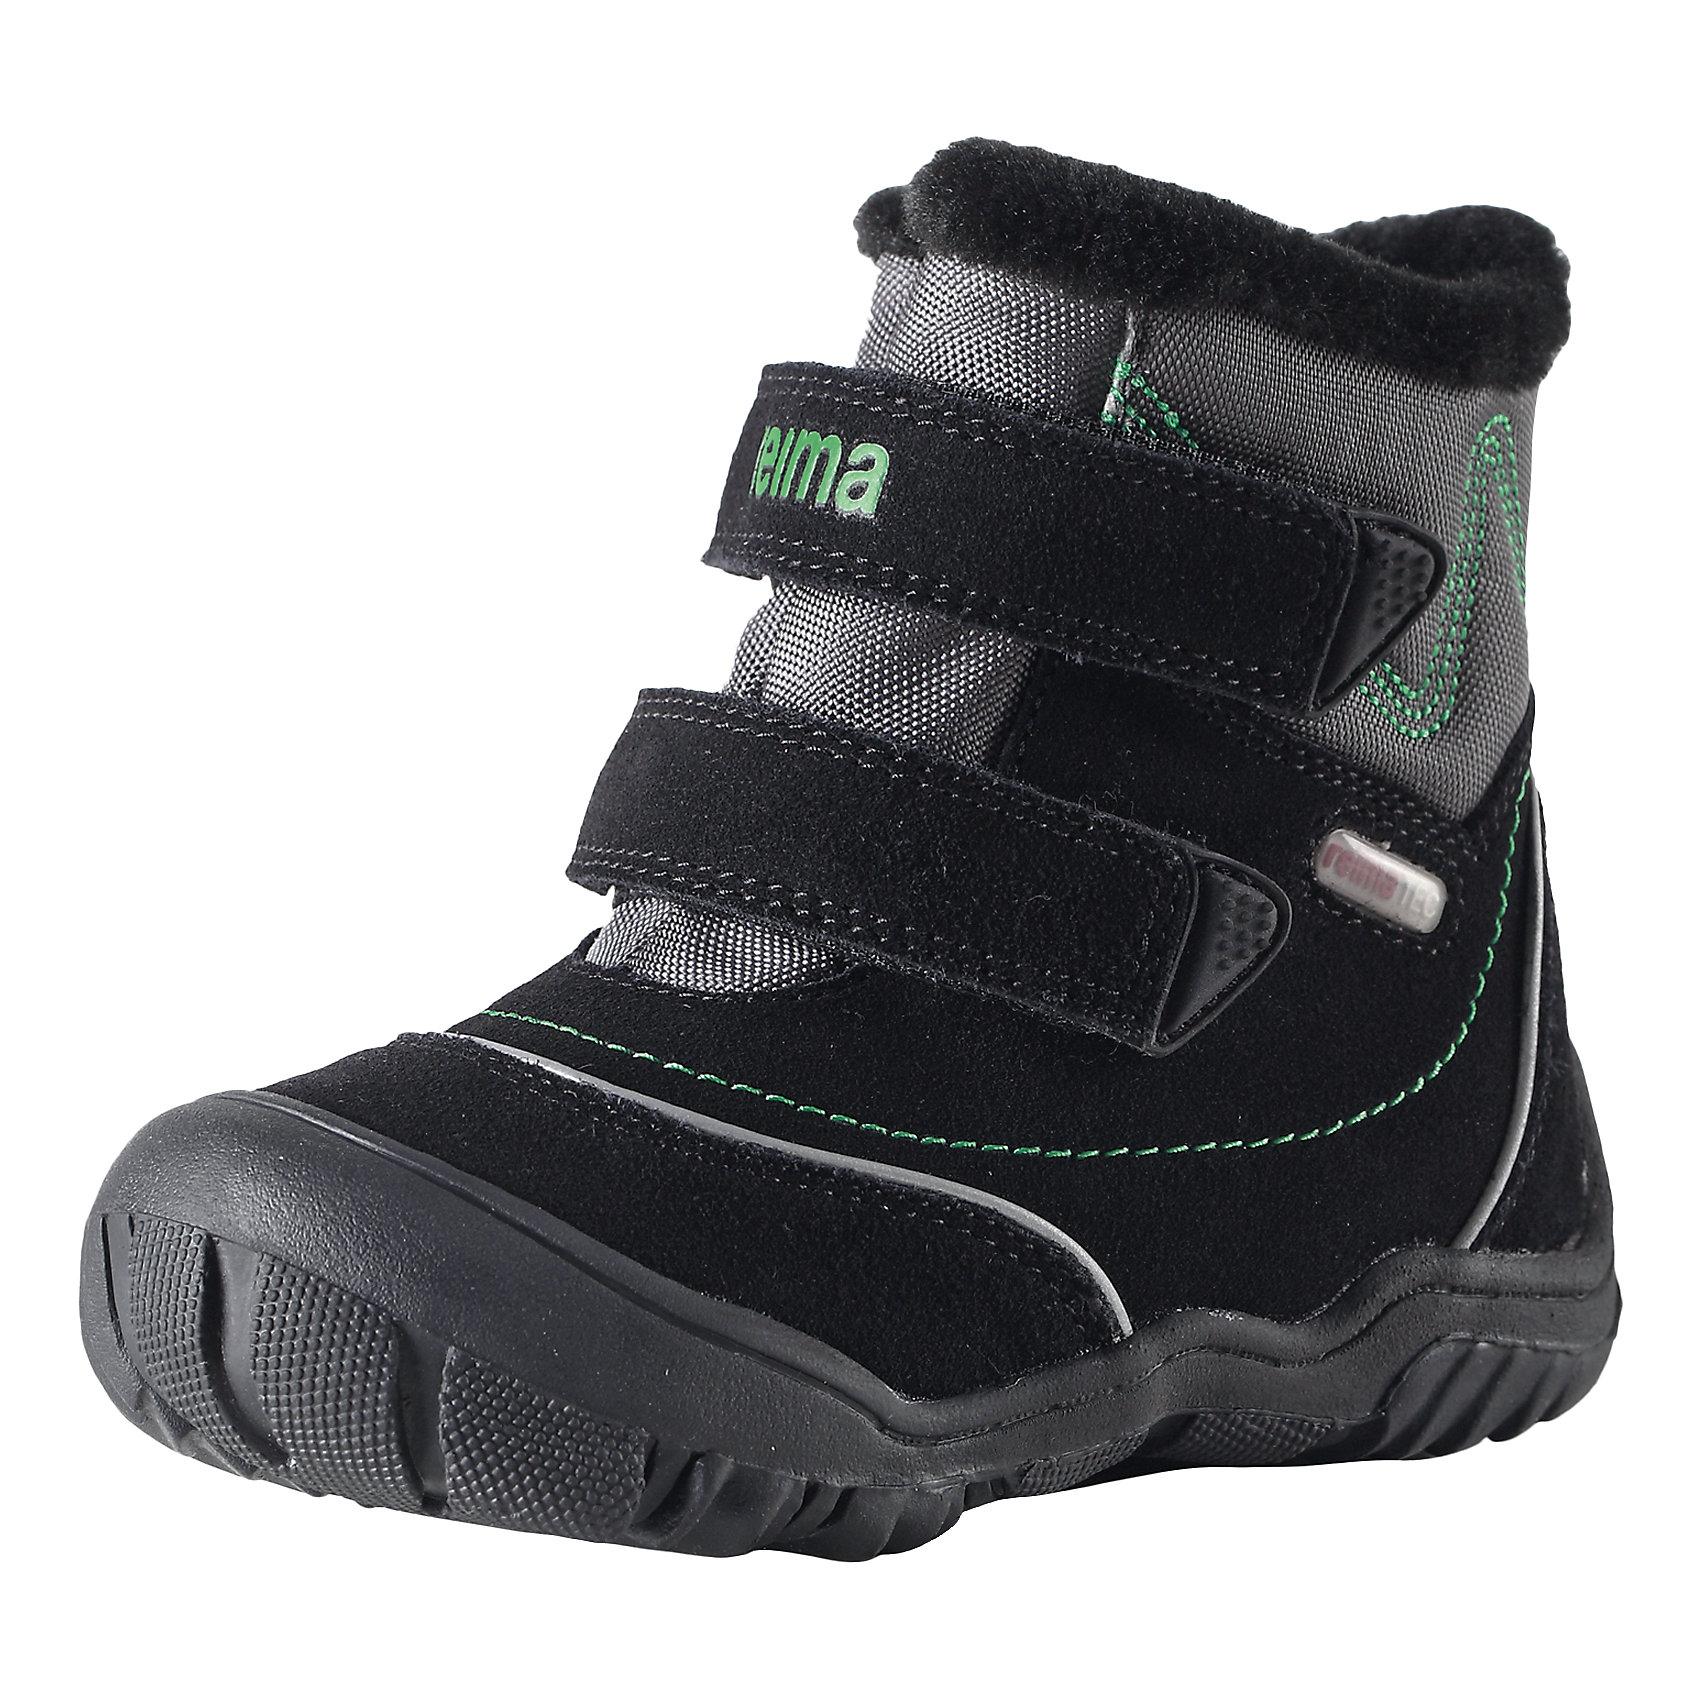 Ботинки Reimatec ReimaПоднимем себе настроение в пасмурное время года! В этих спортивных зимних ботинках для детей двигаться вперёд очень легко! Края подошвы подогнуты вверх и закрывают область пальцев, чтобы защитить ботинки от ударов и царапин. Благодаря водонепроницаемой подкладке ребёнок может долго играть на улице даже в мокрую погоду, а стельки из фетра и текстильный мех обеспечивают дополнительное тепло в морозы. Стельки вынимаются, на стельках удобный рисунок Happy Fit, который помогает правильно определить размер и измерить быстро растущую ножку ребёнка. Обратите внимание на забавную светоотражающую деталь на заднике - незаменима для безопасности в темноте.<br><br>Дополнительная информация:<br><br>Температурный режим: до -20<br>Средняя степень утепления<br>Водонепроницаемые зимние ботинки Reimatec® для малышей на подкладке из текстильного меха<br>Верх из натуральной замши и текстиля<br>Разработано для нормального роста детских ножек<br>Чашеобразная форма подошвы из термопластичного каучука защищает область пальцев<br>Стельки вынимаются, рисунок Happy Fit помогает правильно определить размер ноги<br>Светоотражающие детали для дополнительной безопасности<br>Состав: Подошва: термопластичная резина, Верх: 70% Кожа 30% Полиэстер<br><br>Ботинки Reimatec Reima (Рейматек Рейма) можно купить в нашем магазине.<br><br>Ширина мм: 262<br>Глубина мм: 176<br>Высота мм: 97<br>Вес г: 427<br>Цвет: черный<br>Возраст от месяцев: 9<br>Возраст до месяцев: 12<br>Пол: Унисекс<br>Возраст: Детский<br>Размер: 20,24,25,26,23,22,21<br>SKU: 4385283